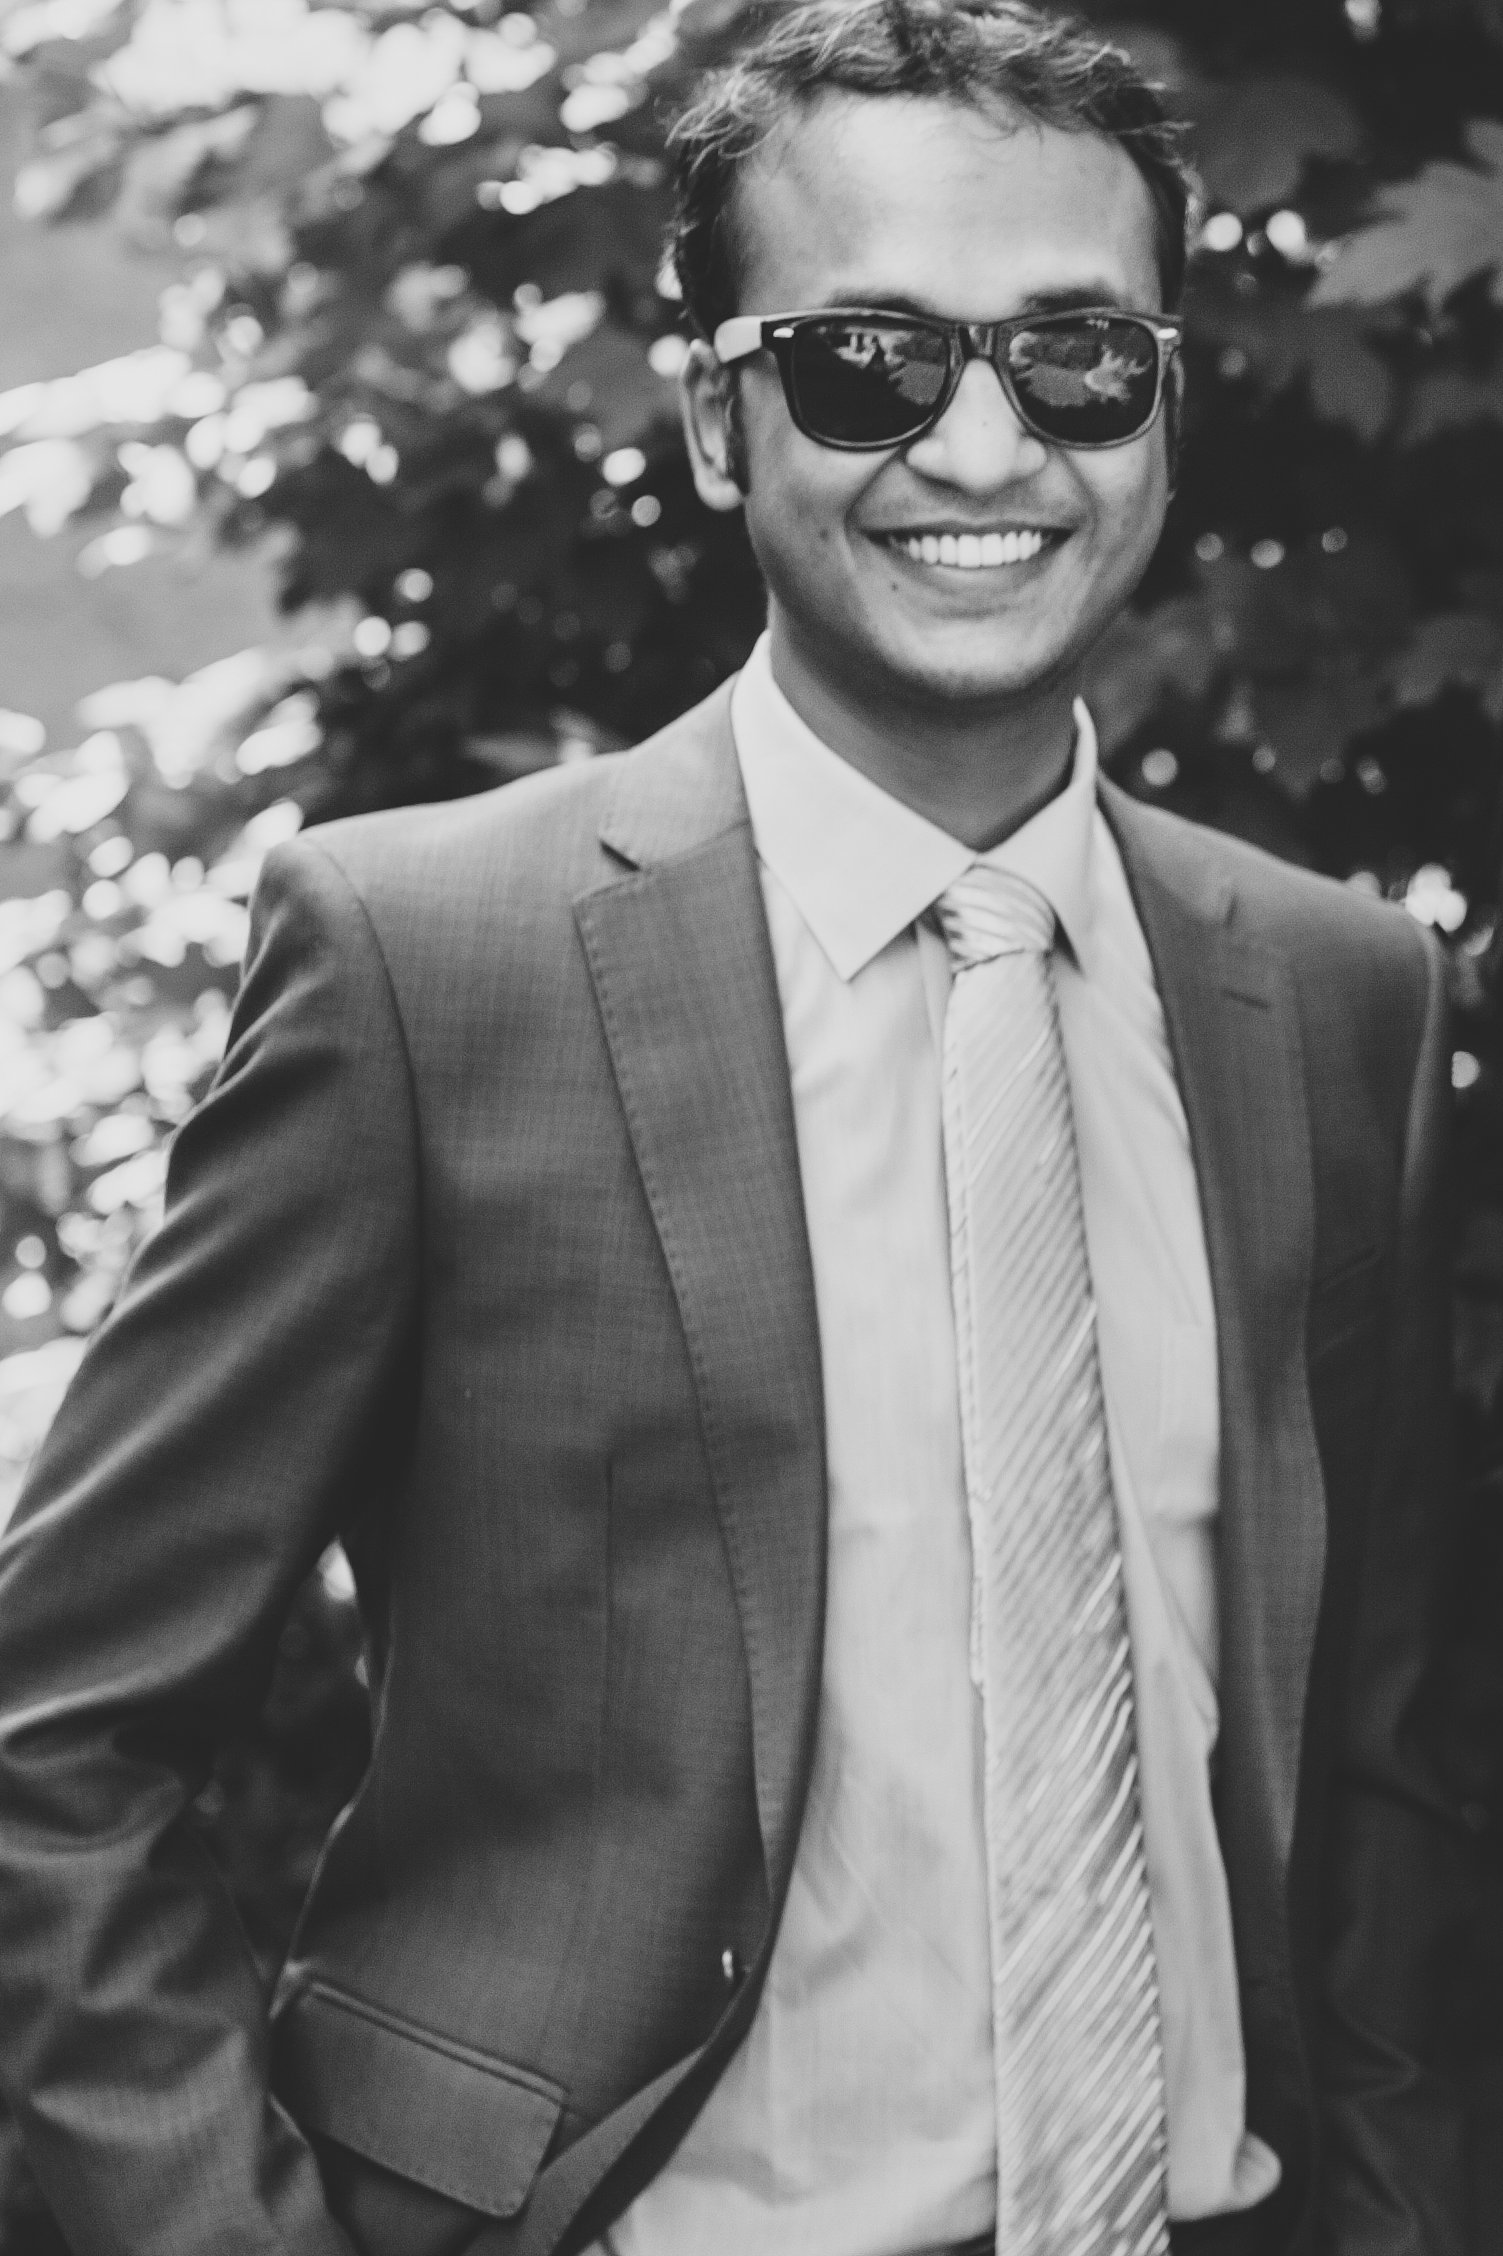 groom-smiling-black-and-white-karthik